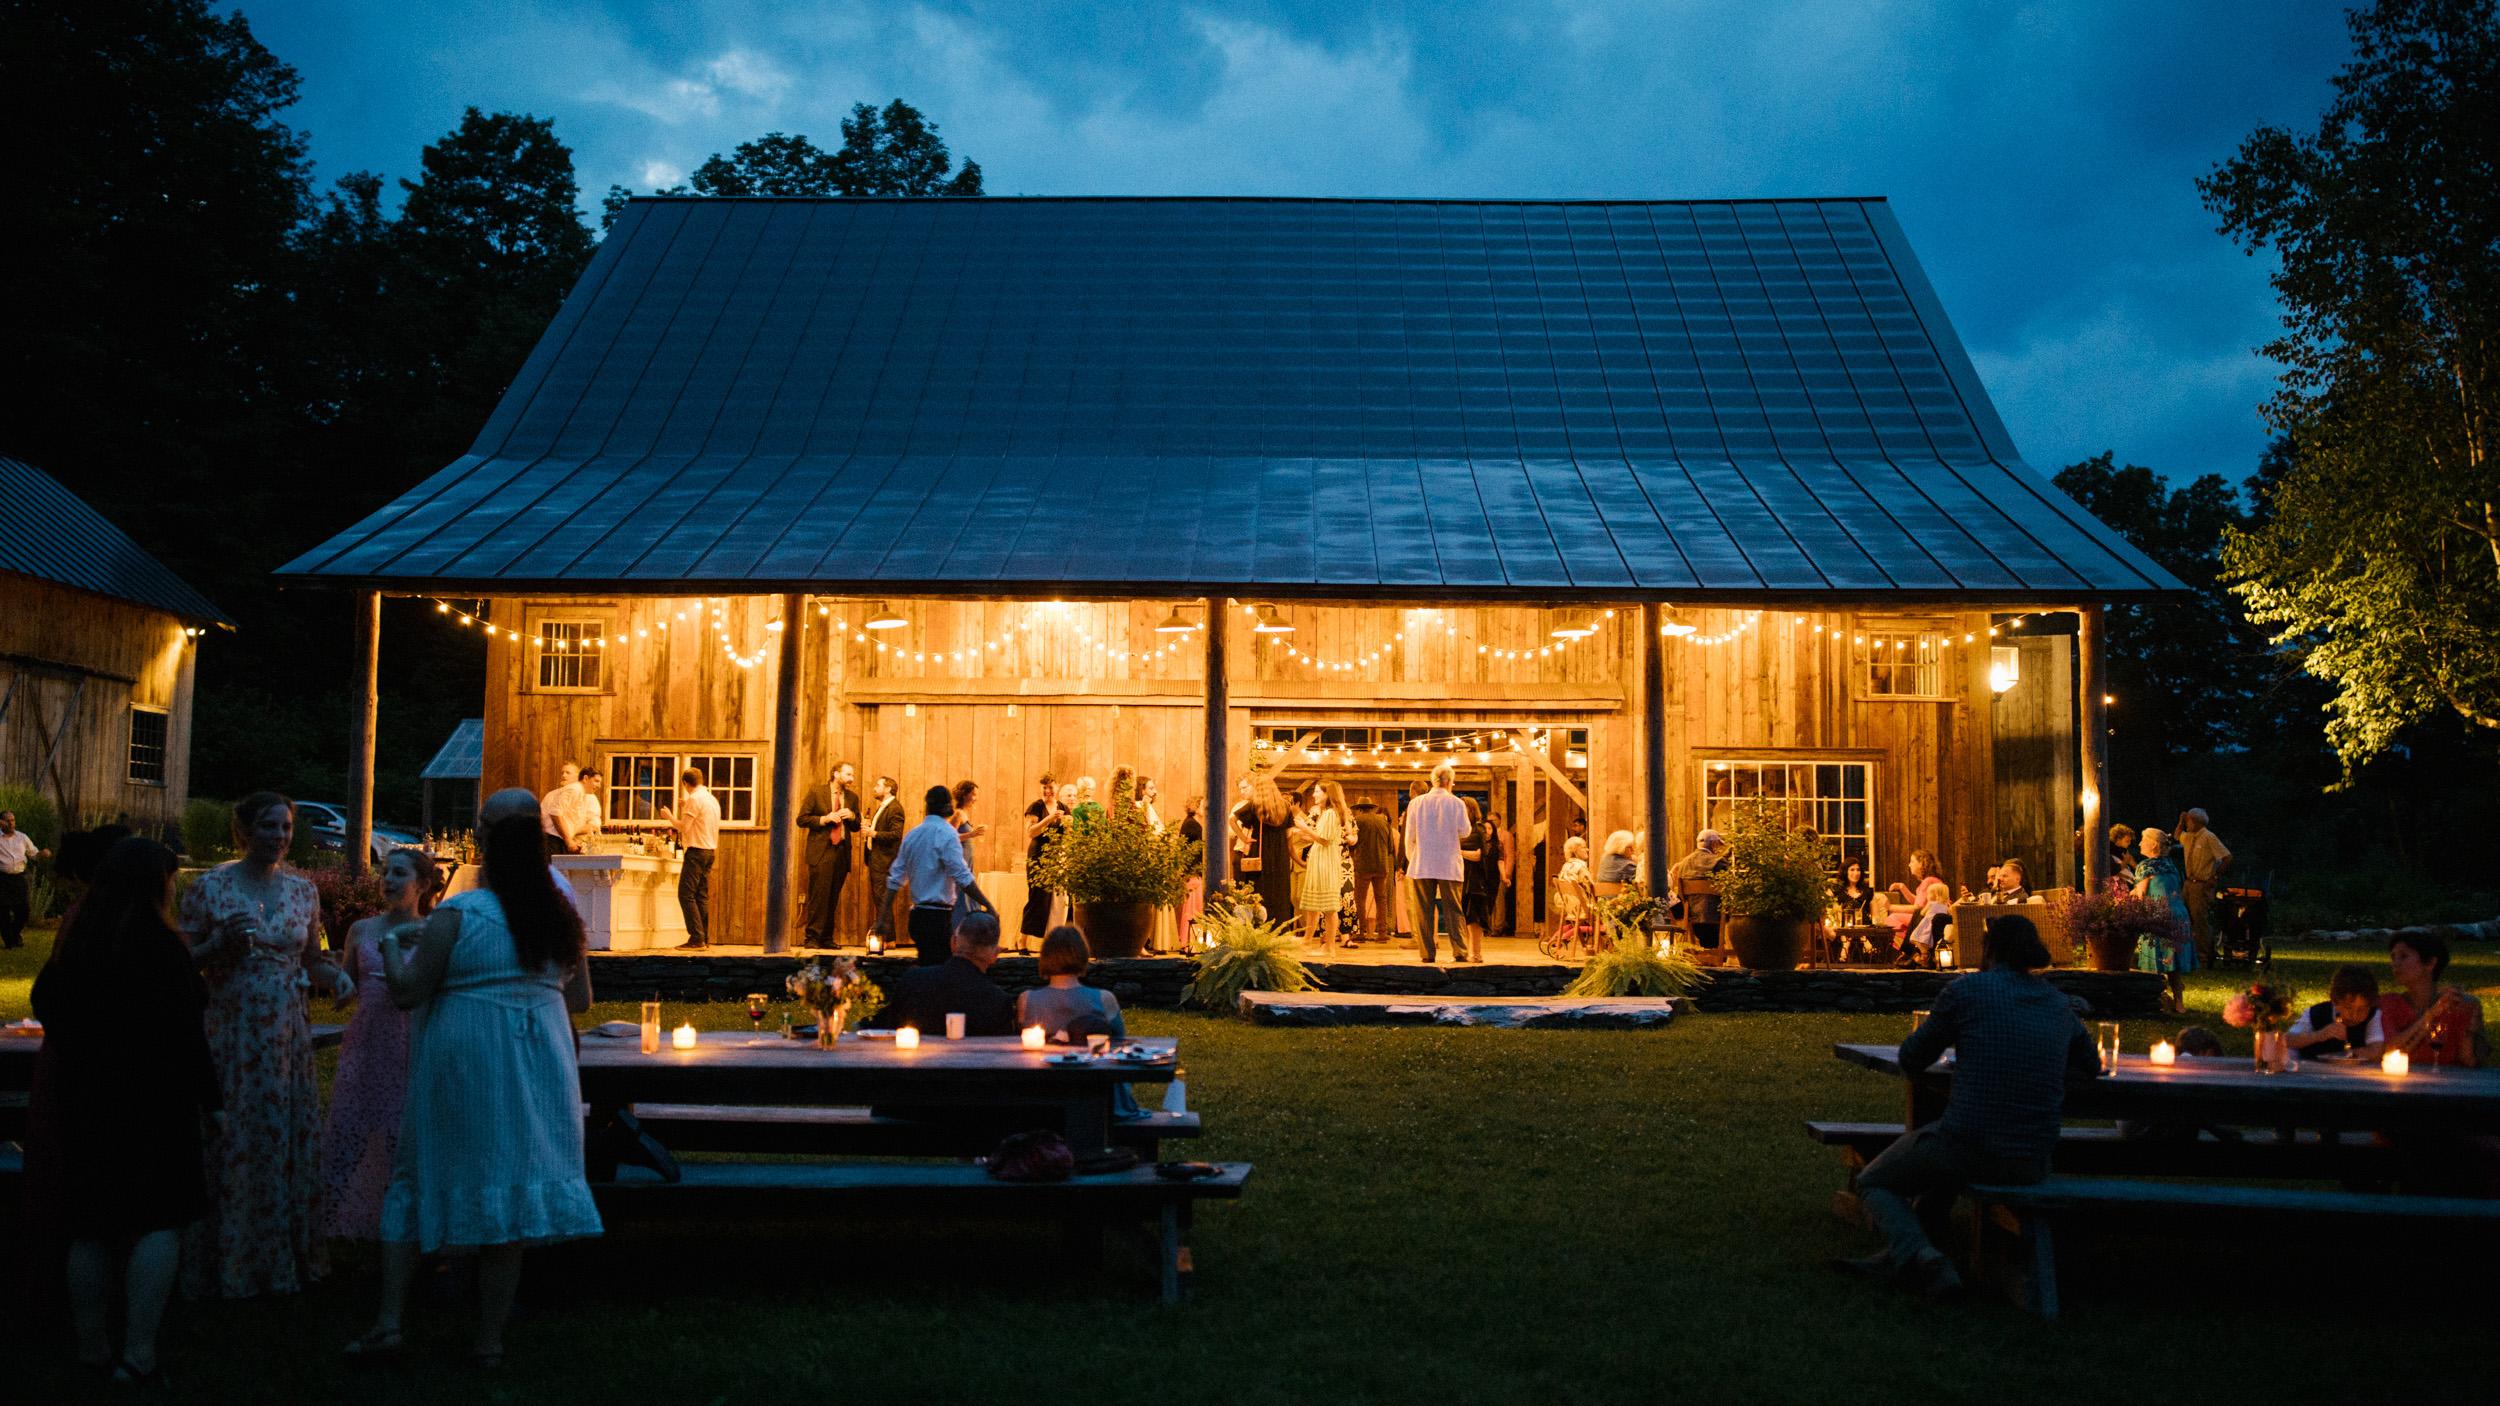 alec_vanderboom_vermont_wedding_photography-0123.jpg